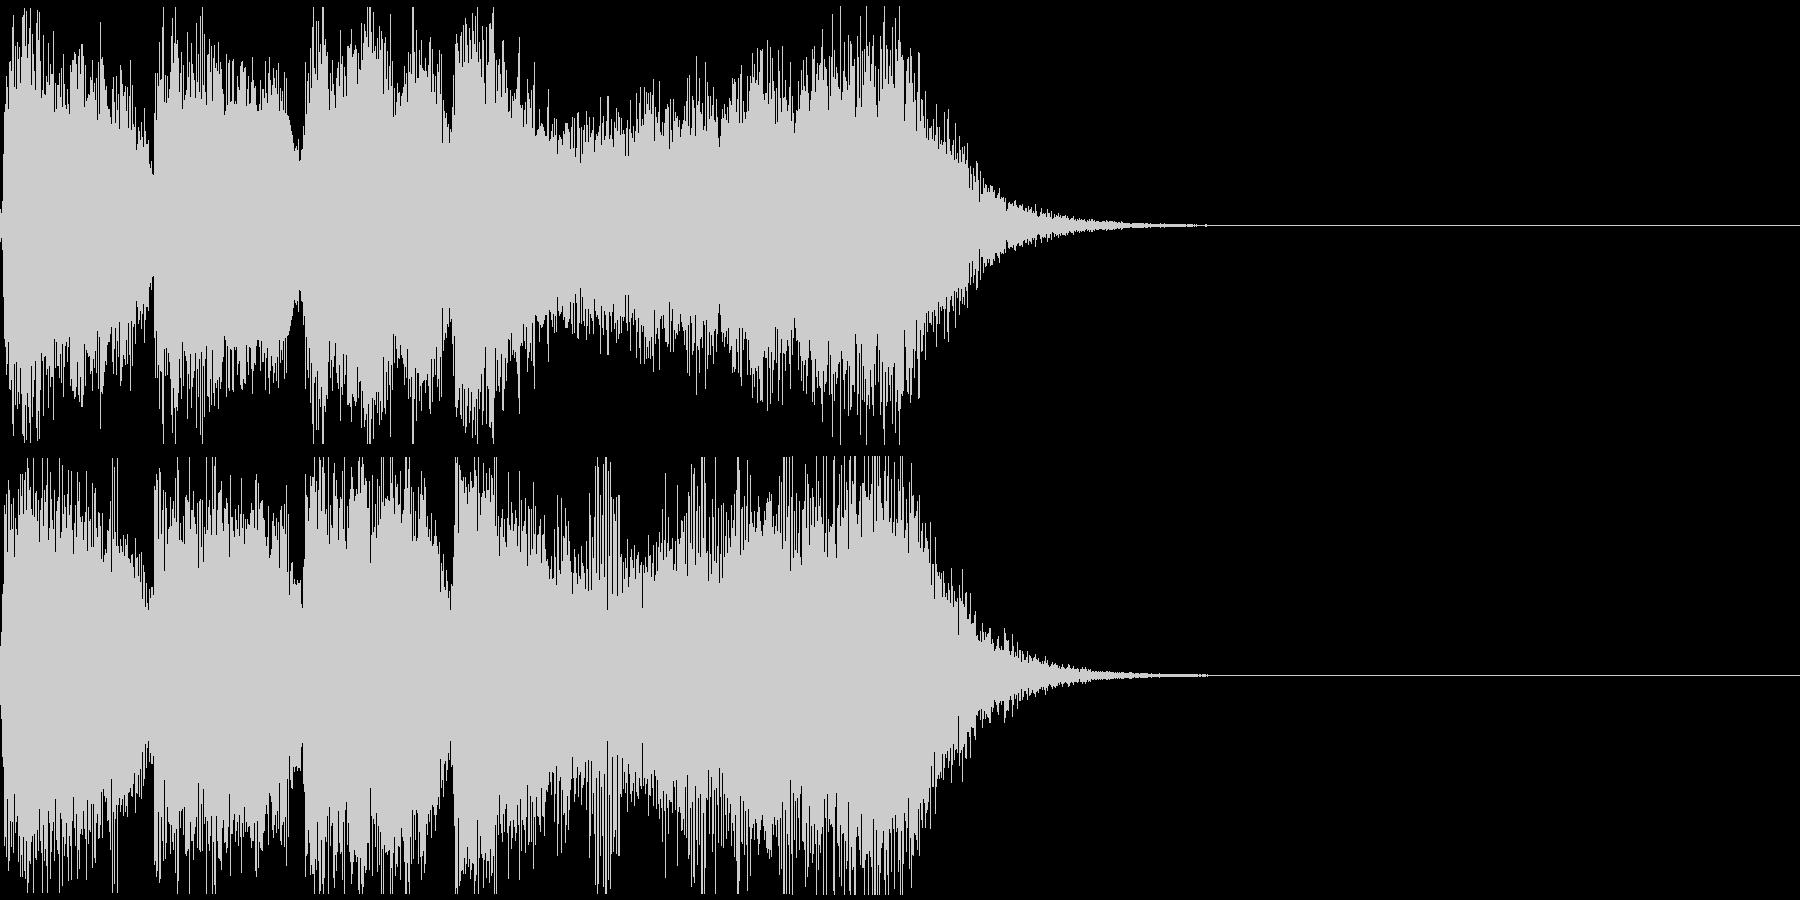 巨大怪獣/戦艦登場シーンの超重厚な曲4の未再生の波形